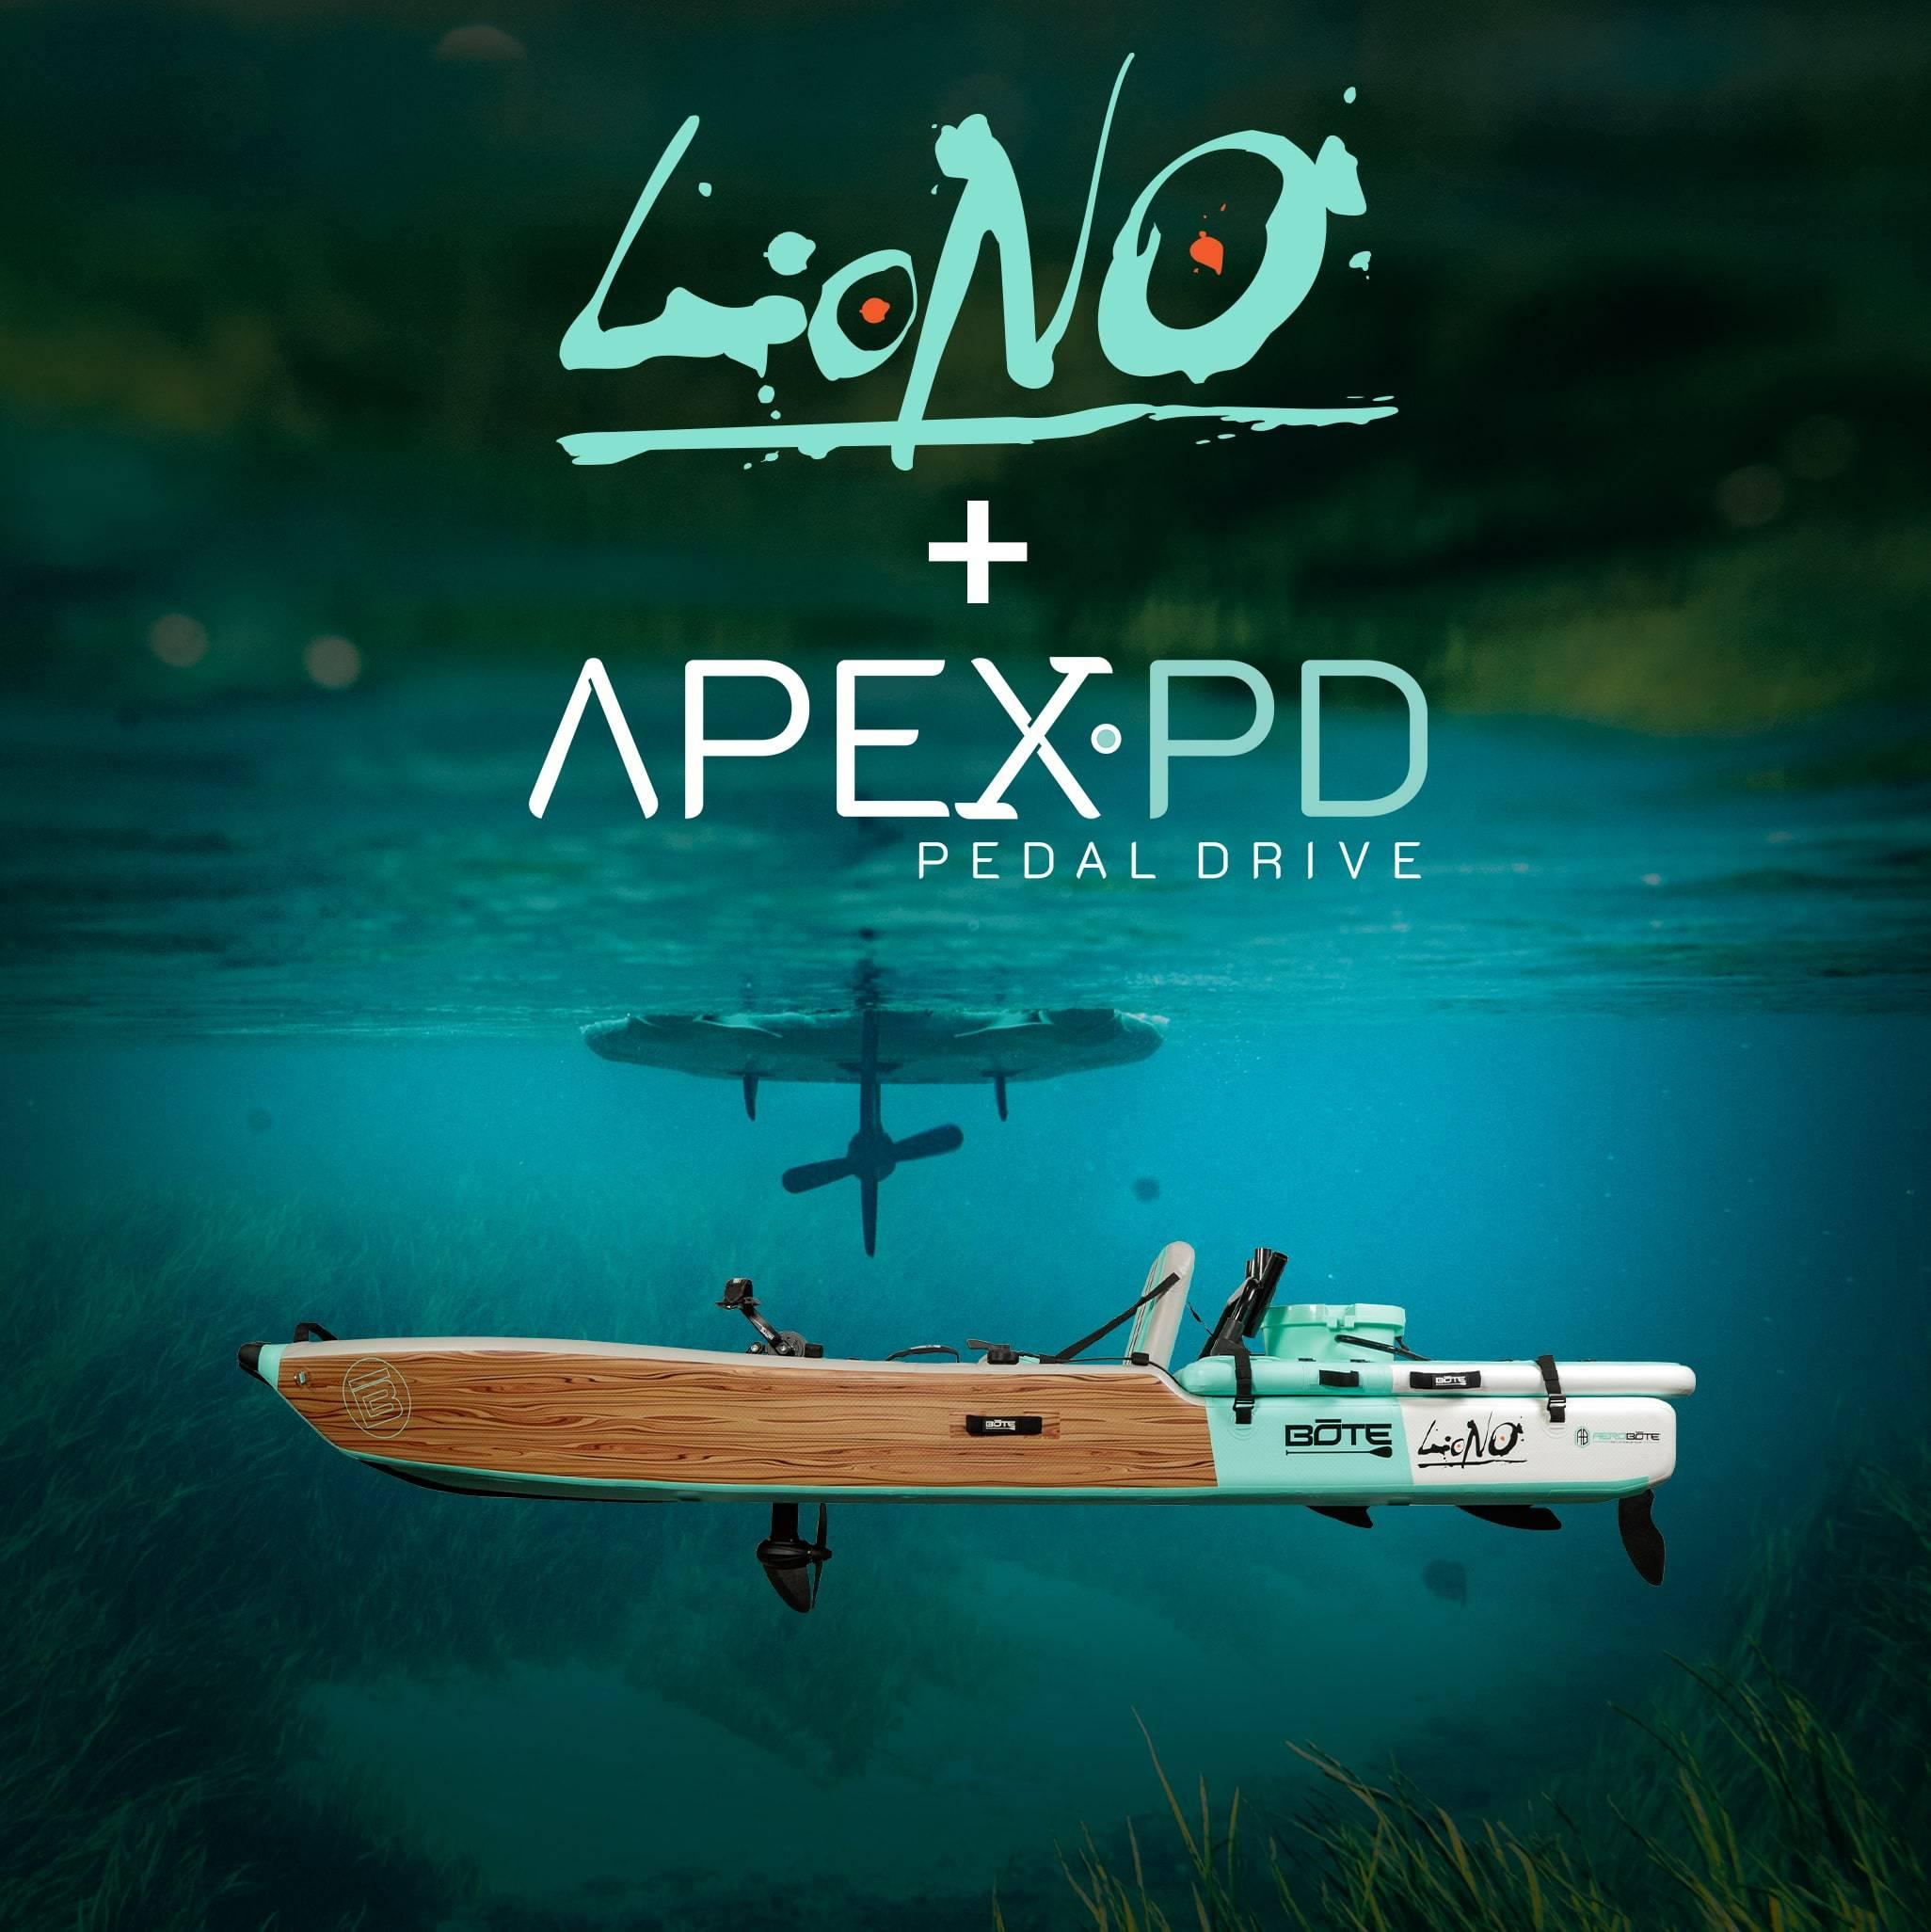 The All New LONO + APEX•PD